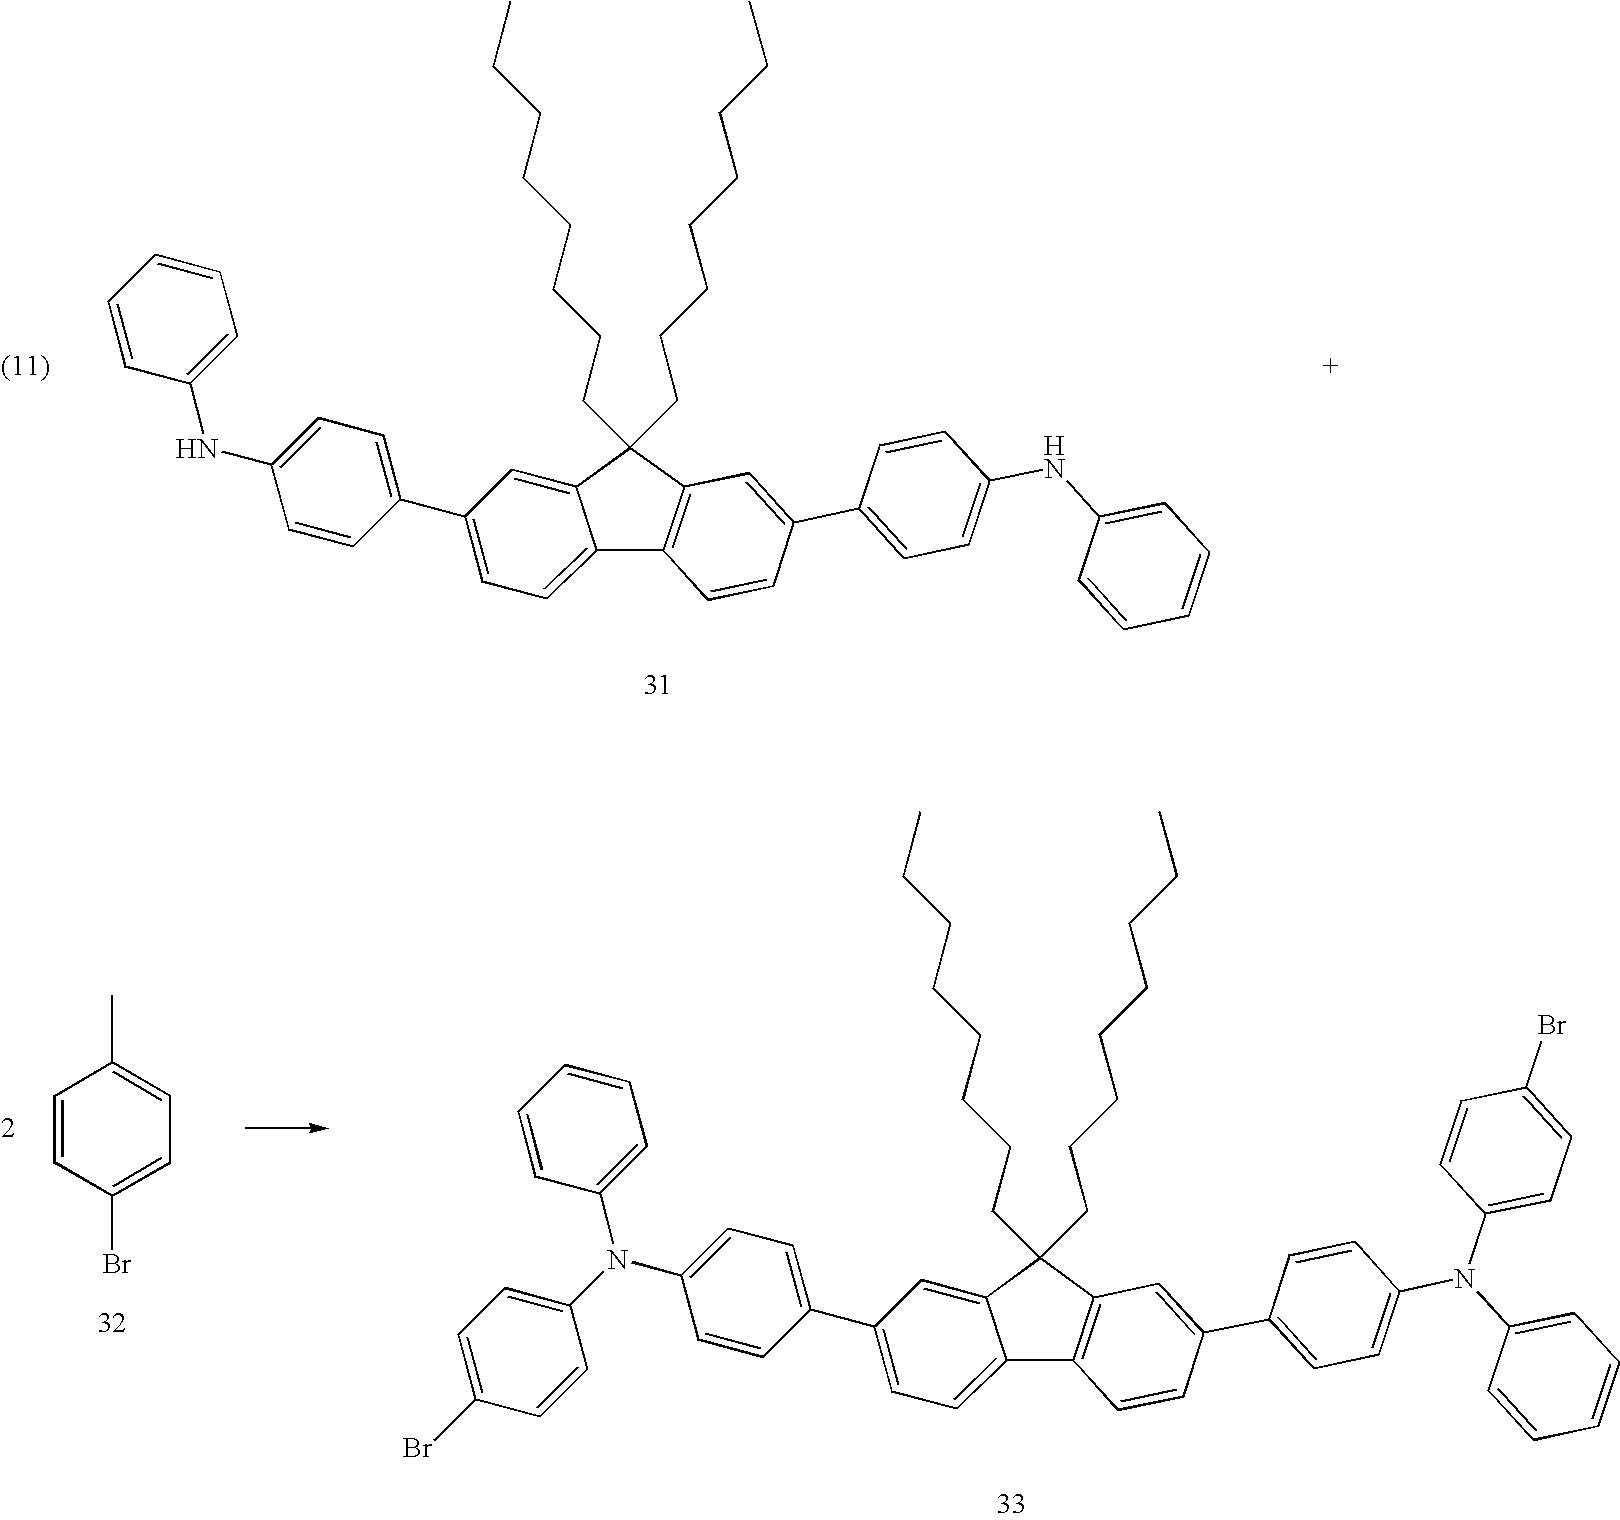 Figure US20080071049A1-20080320-C00019